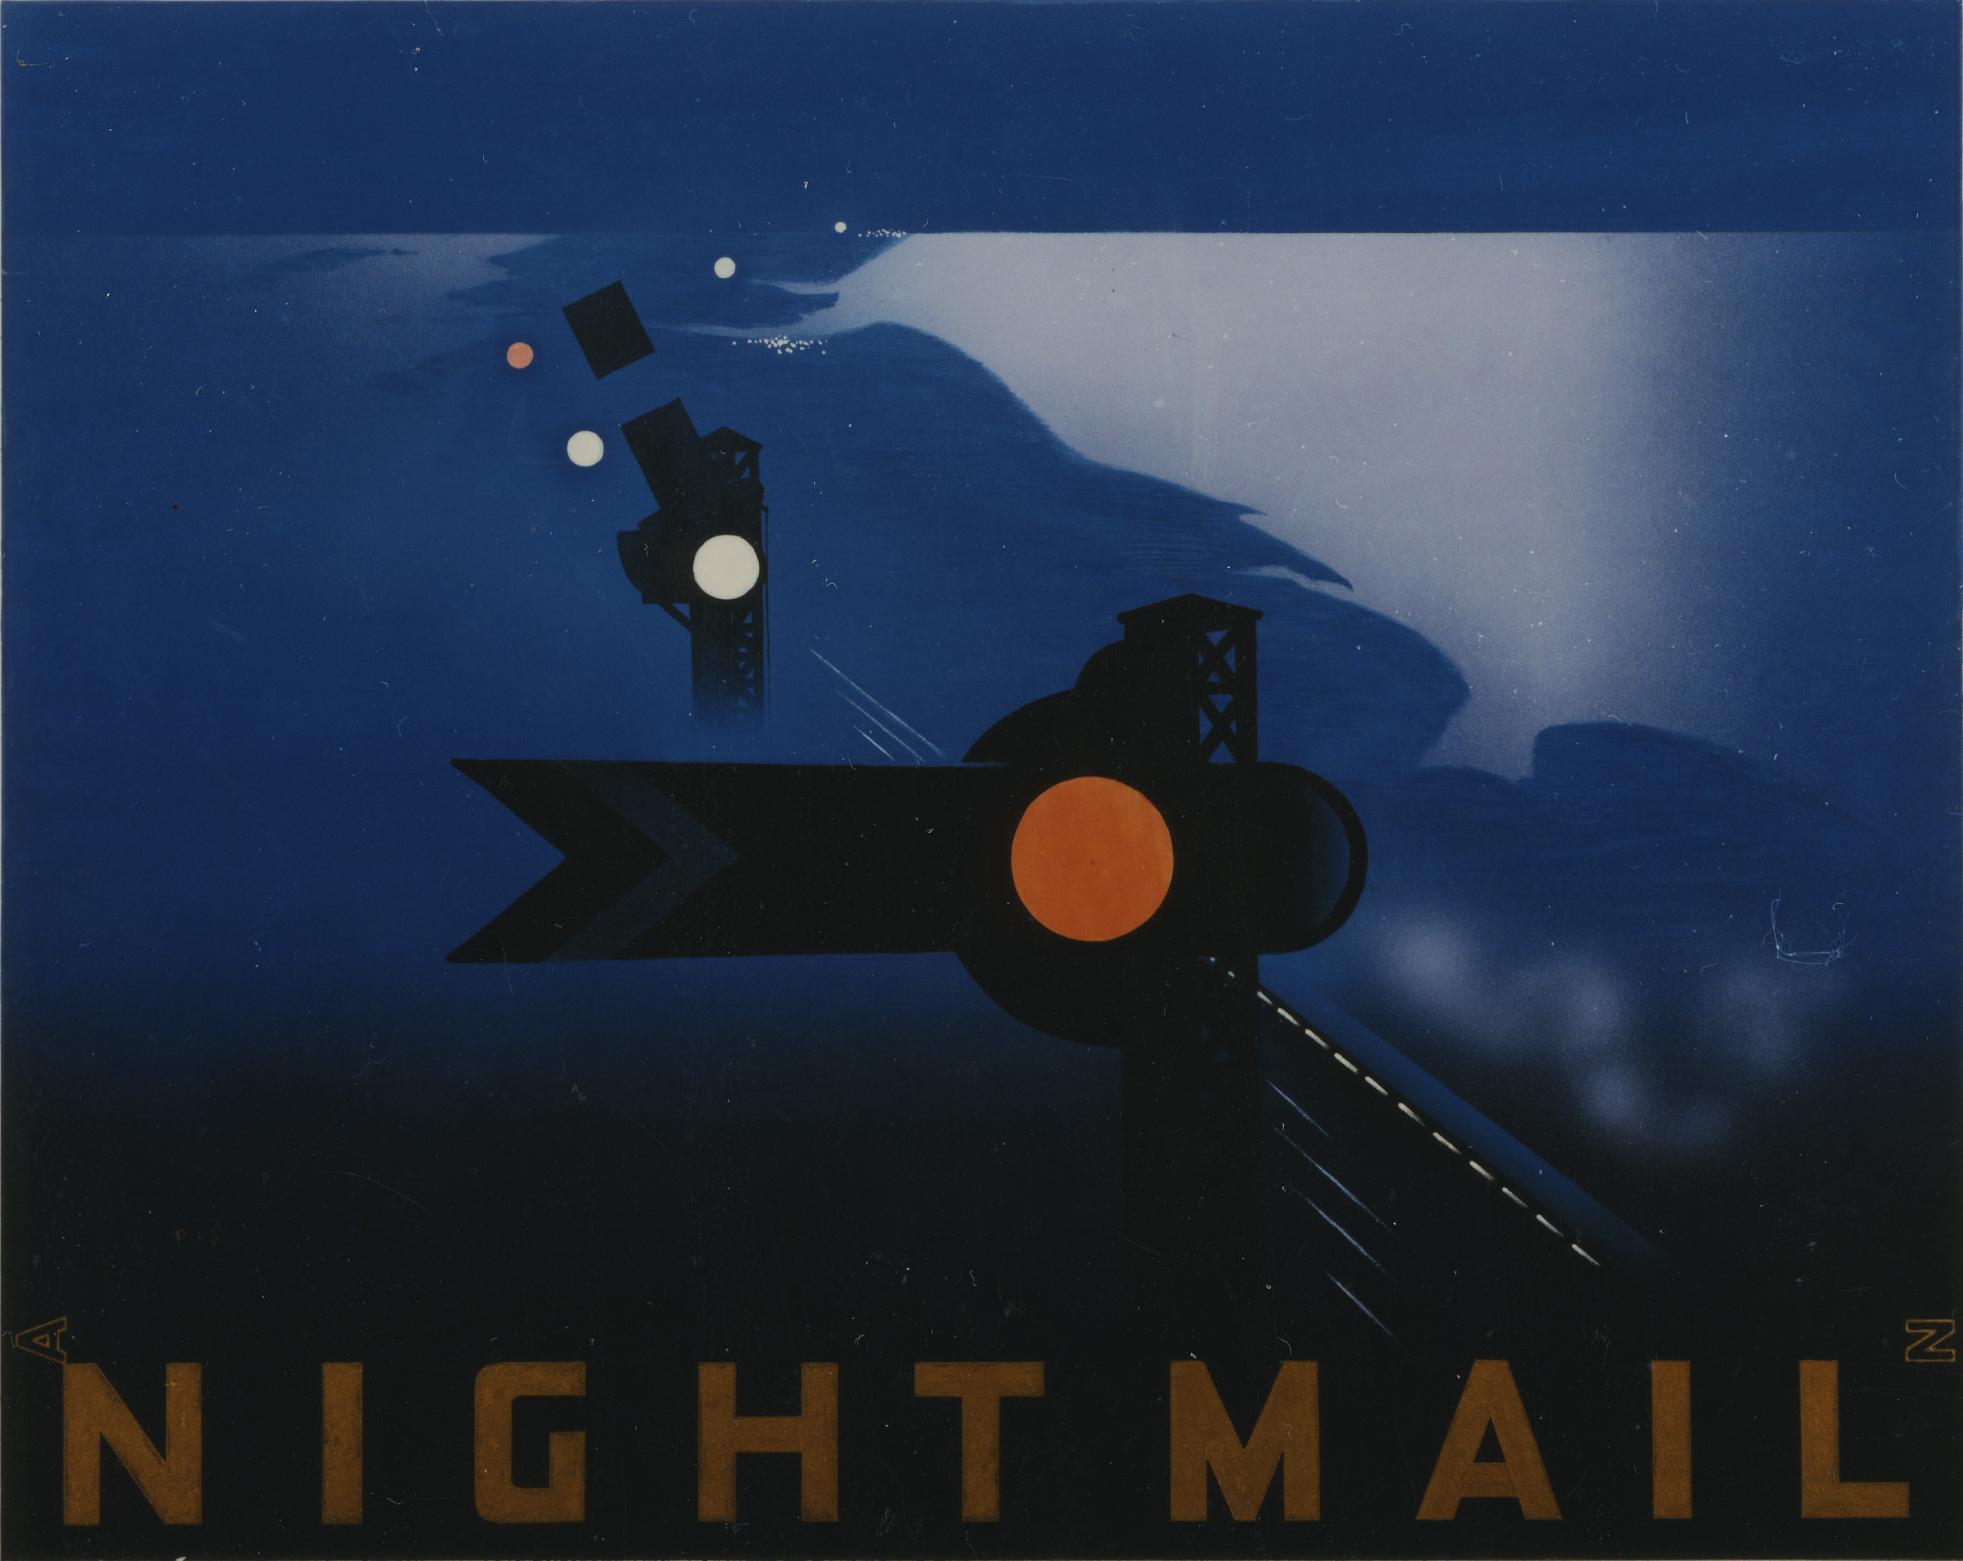 Night Mail - Wikipedia